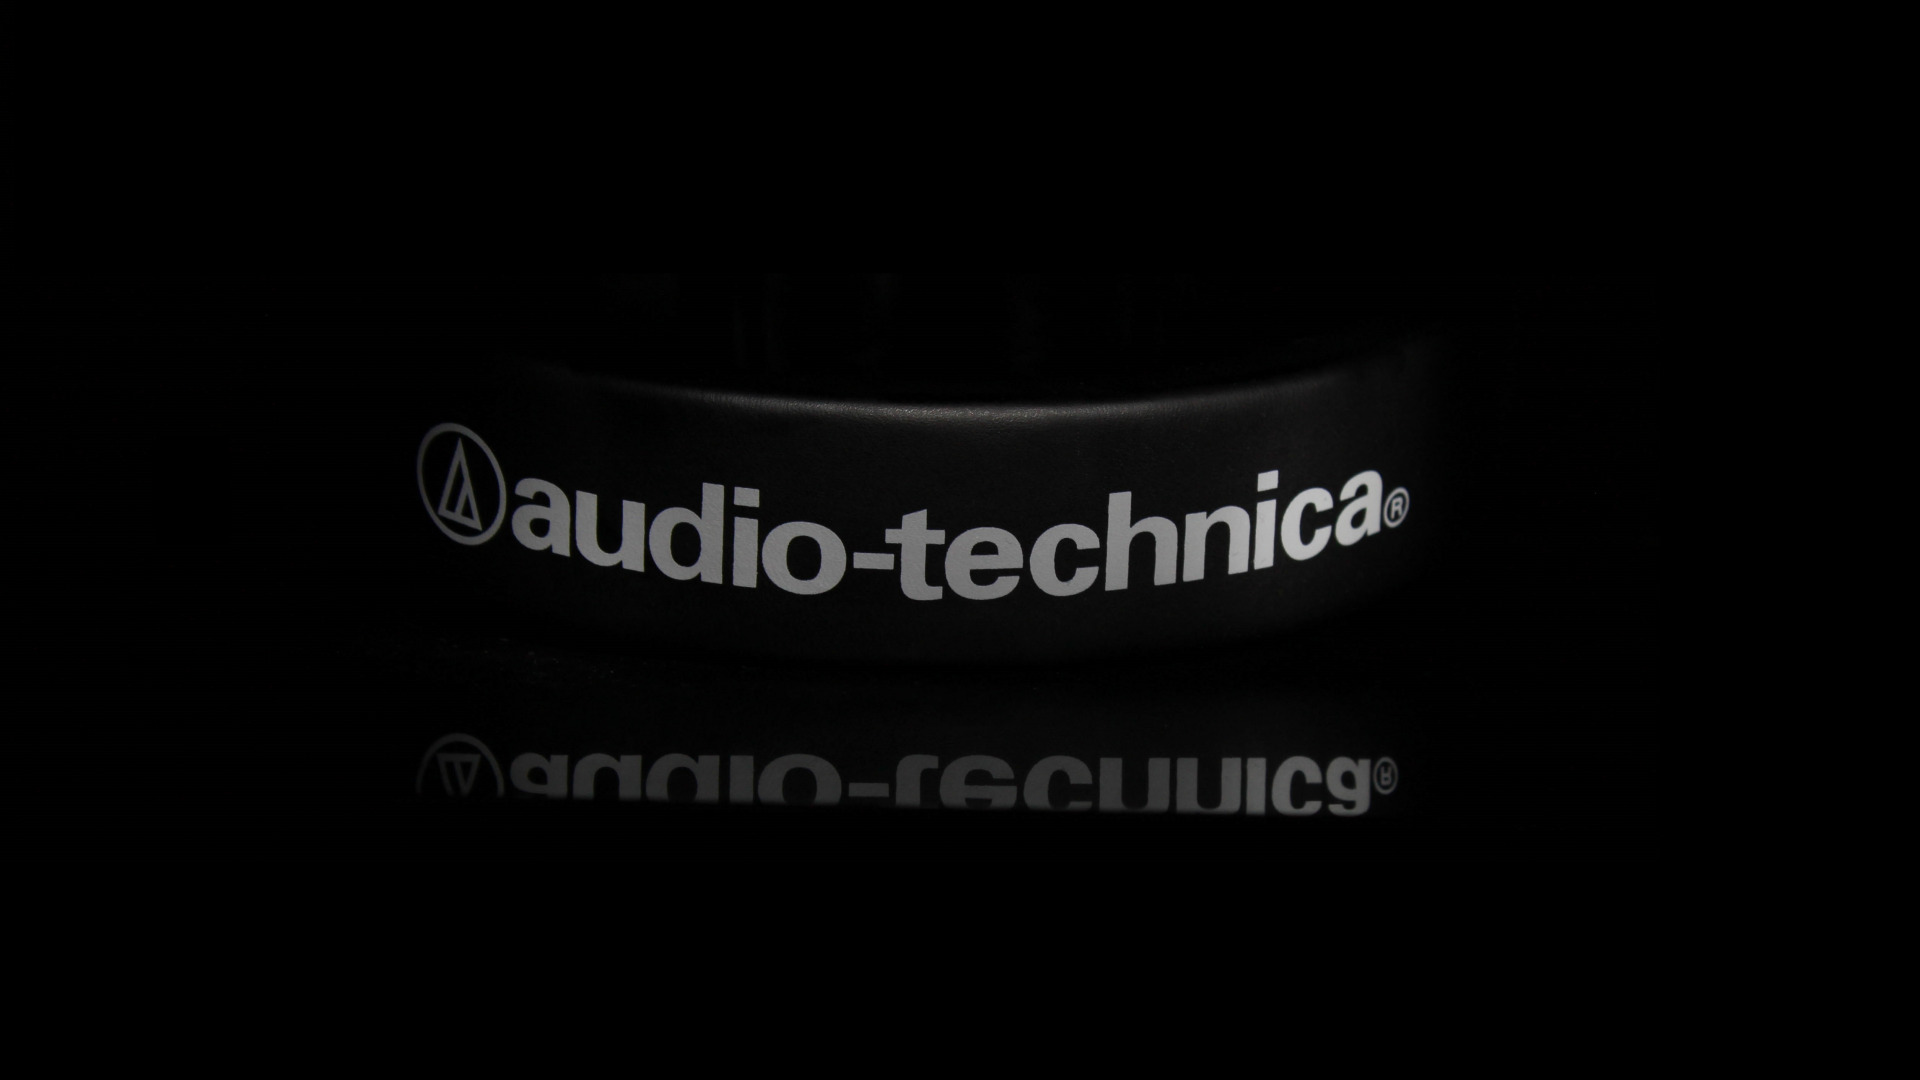 naushniki-audio-technica.jpg